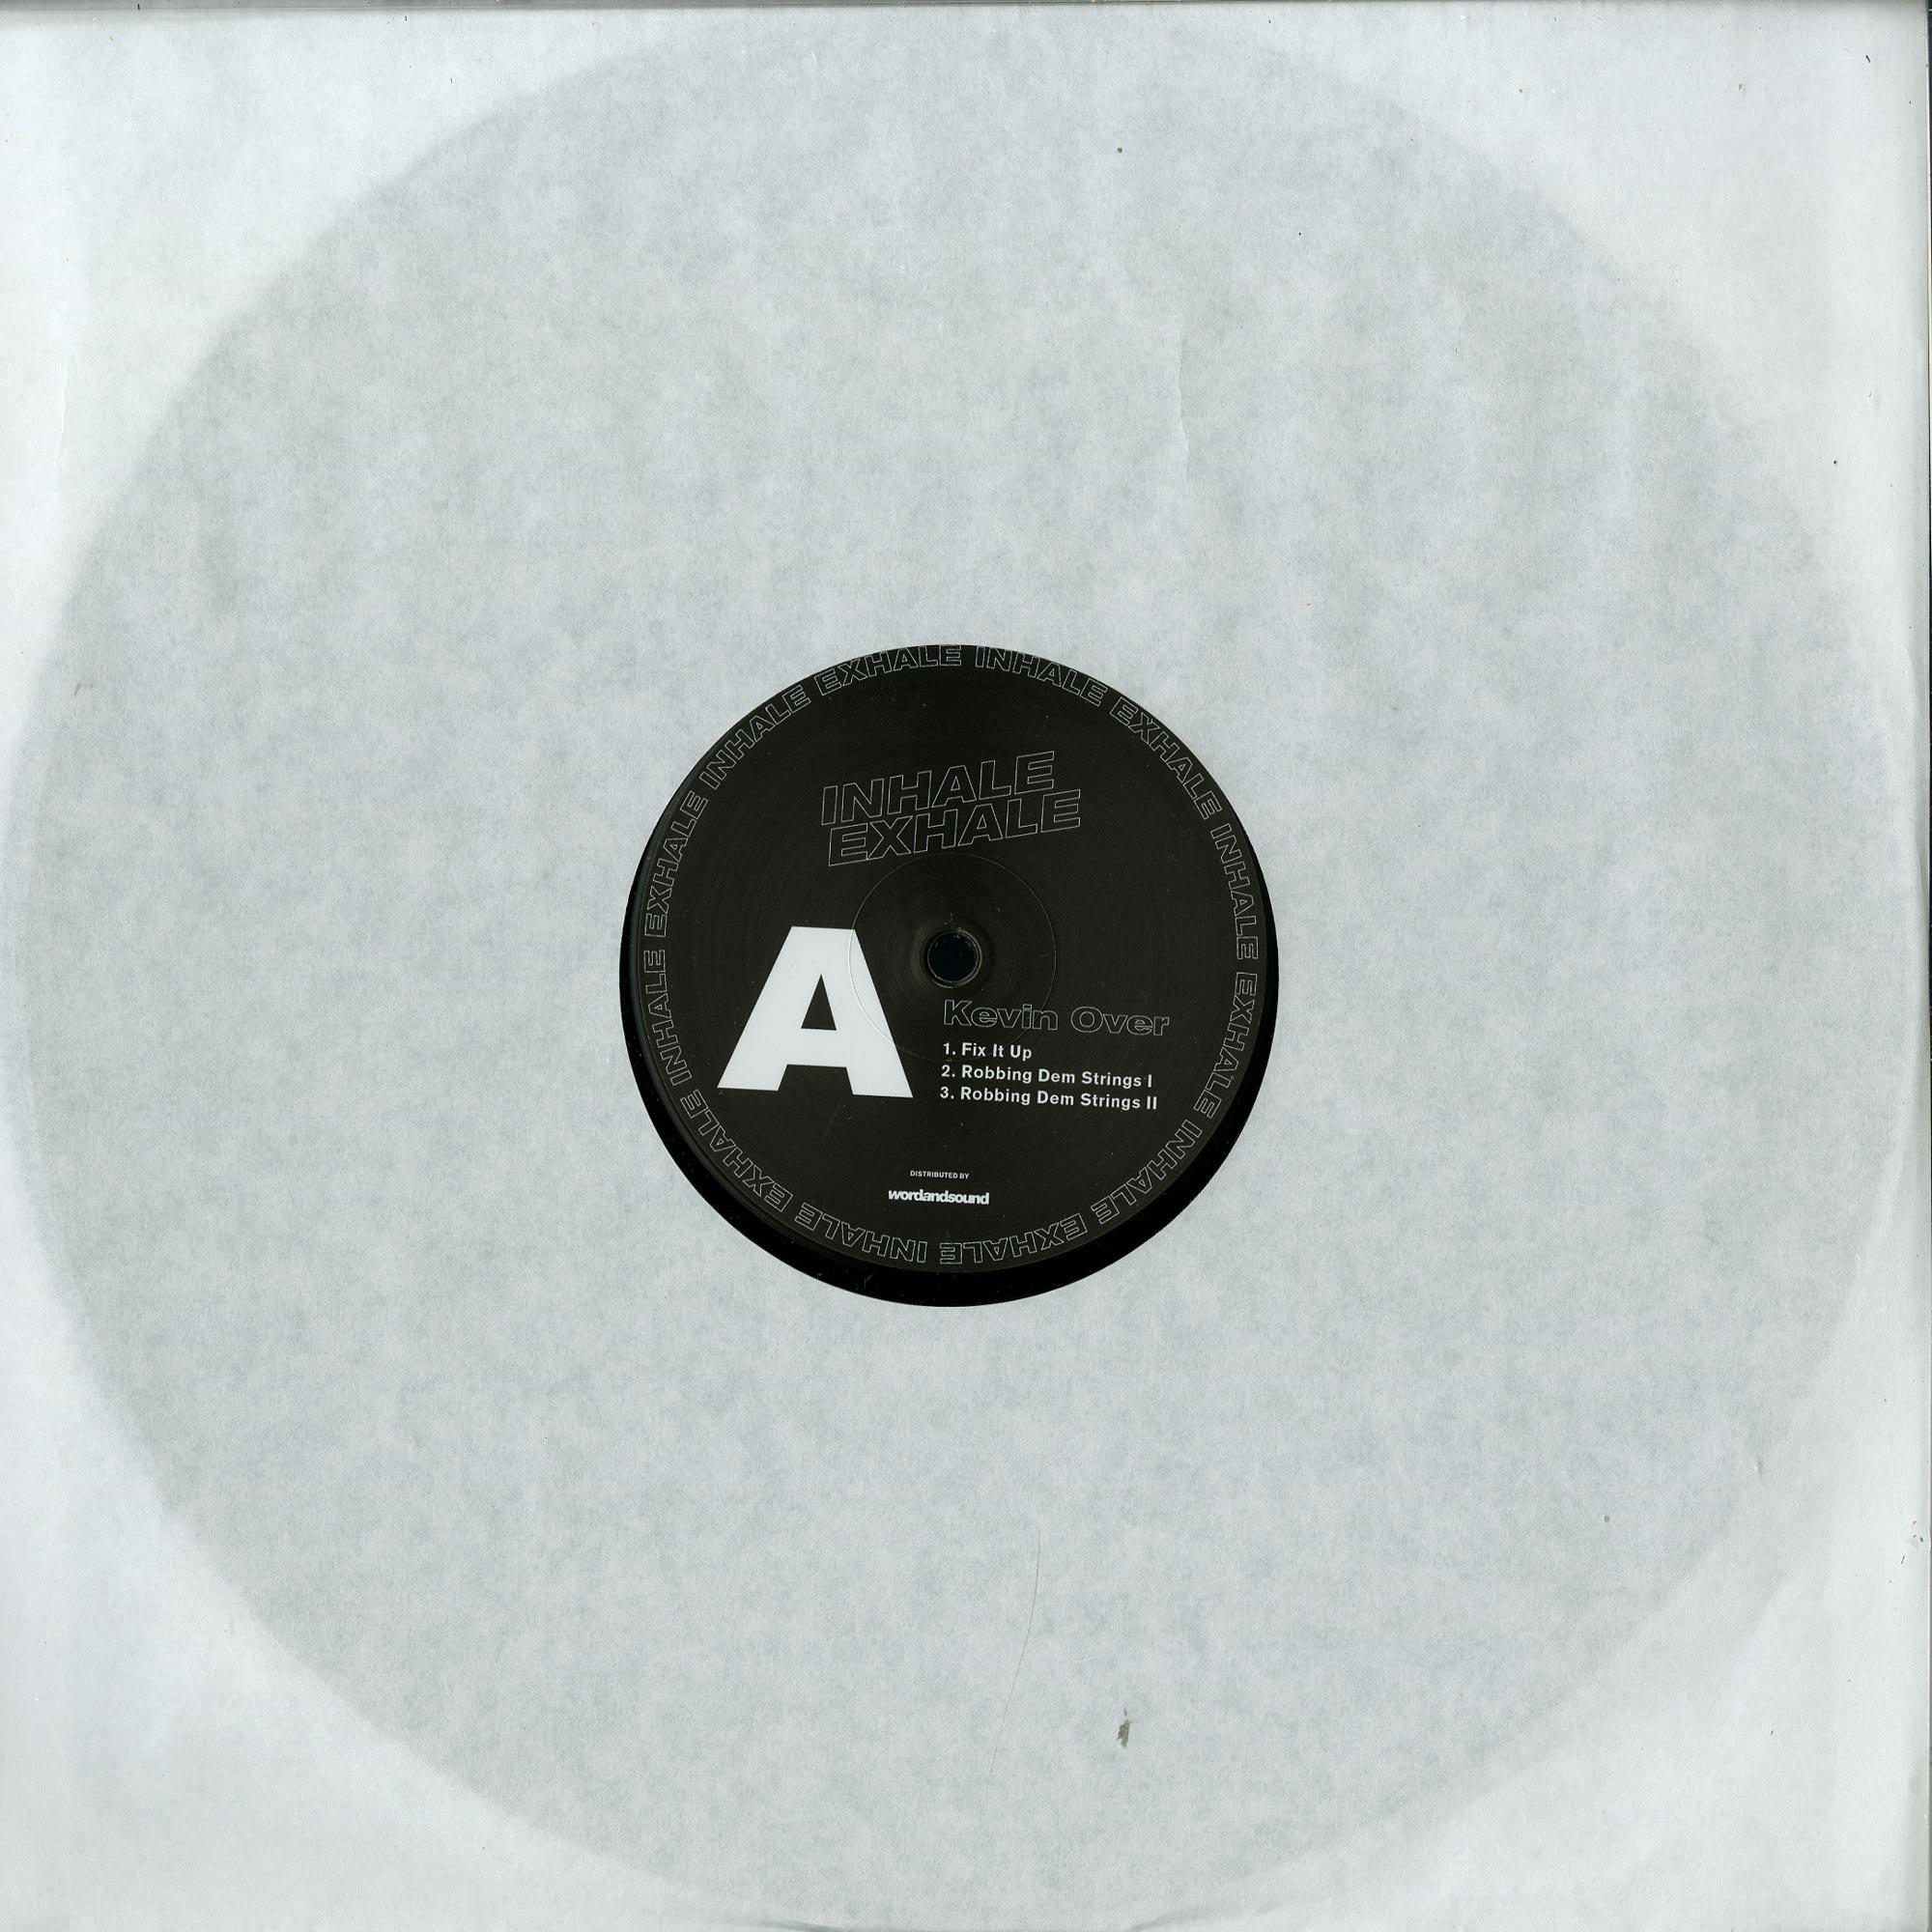 Kevin Over & Tilman - SPLIT EP